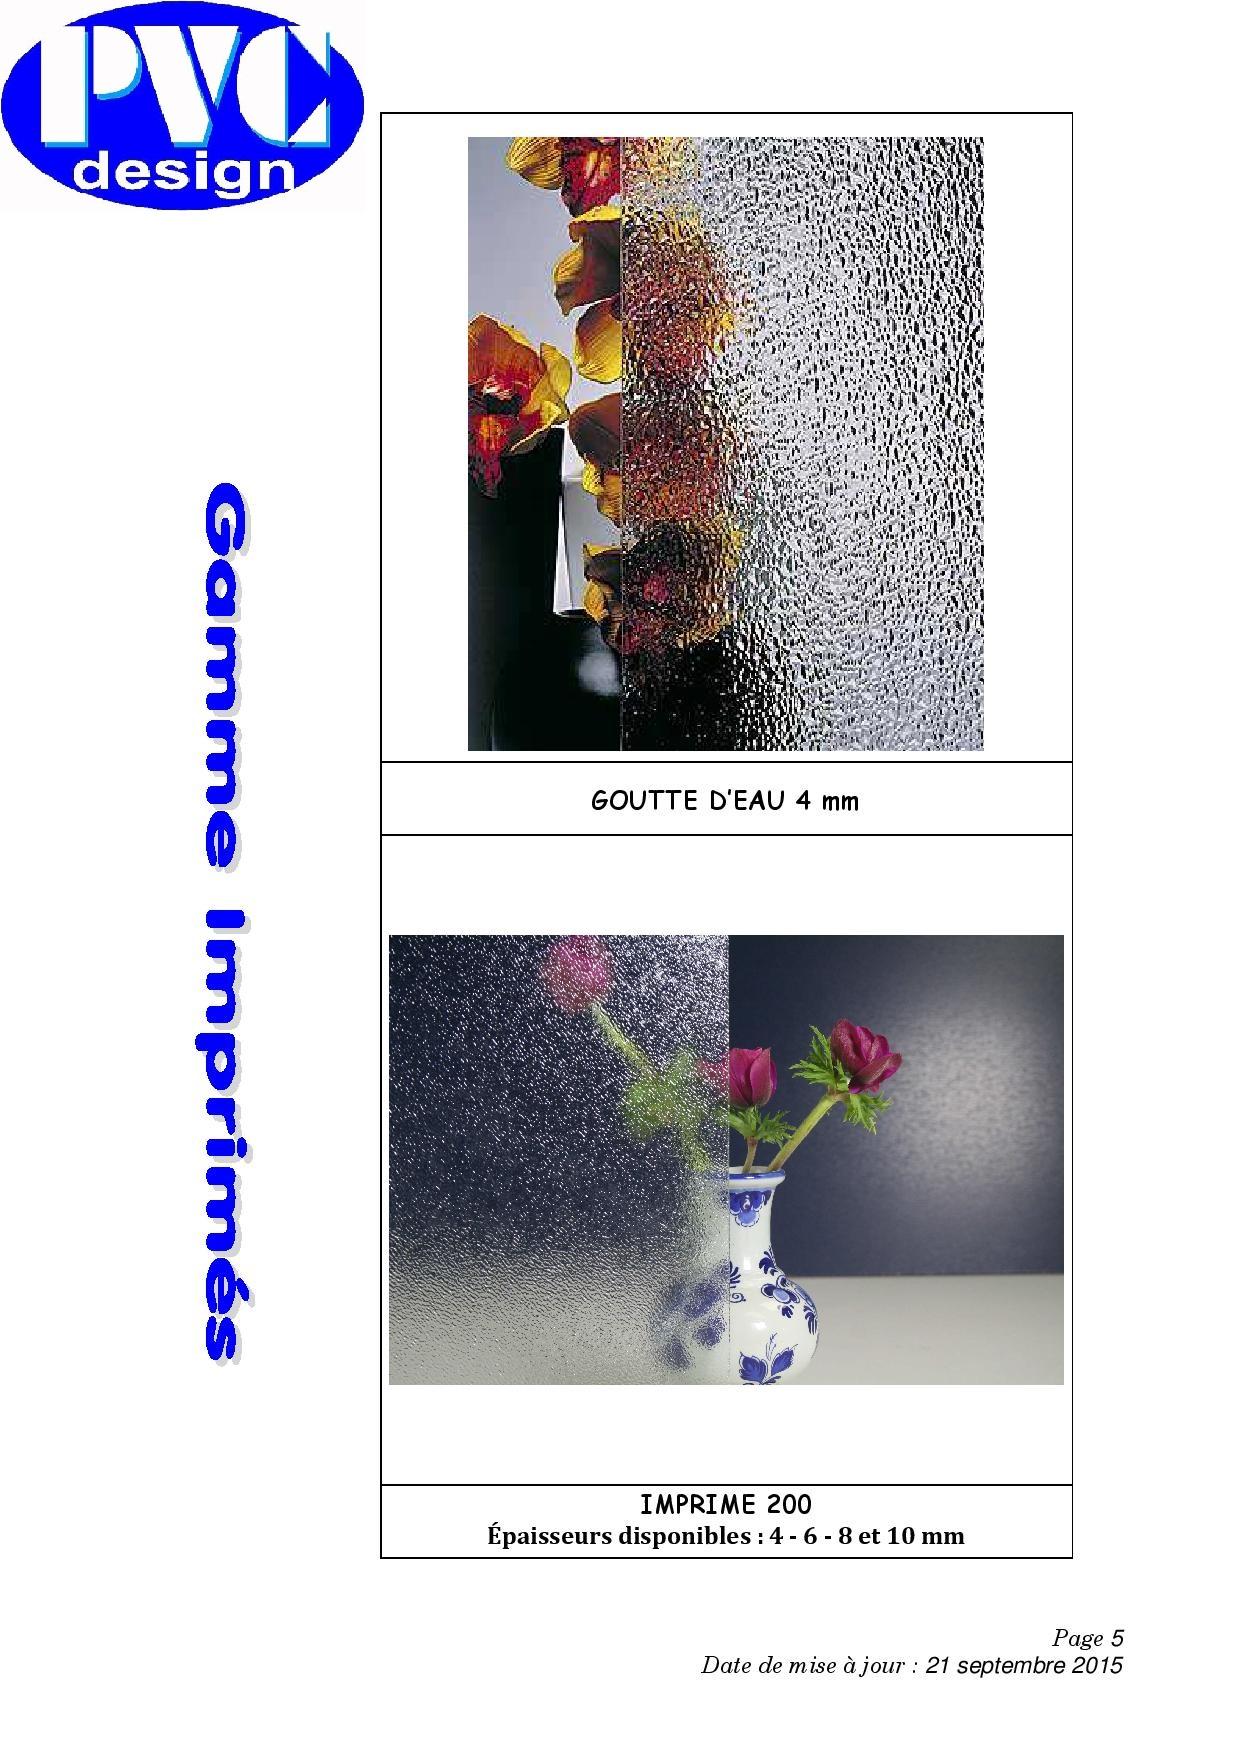 CATALOGUE VERRES IMPRIMES CALORIVER - SEPTEMBRE 2015-page-005